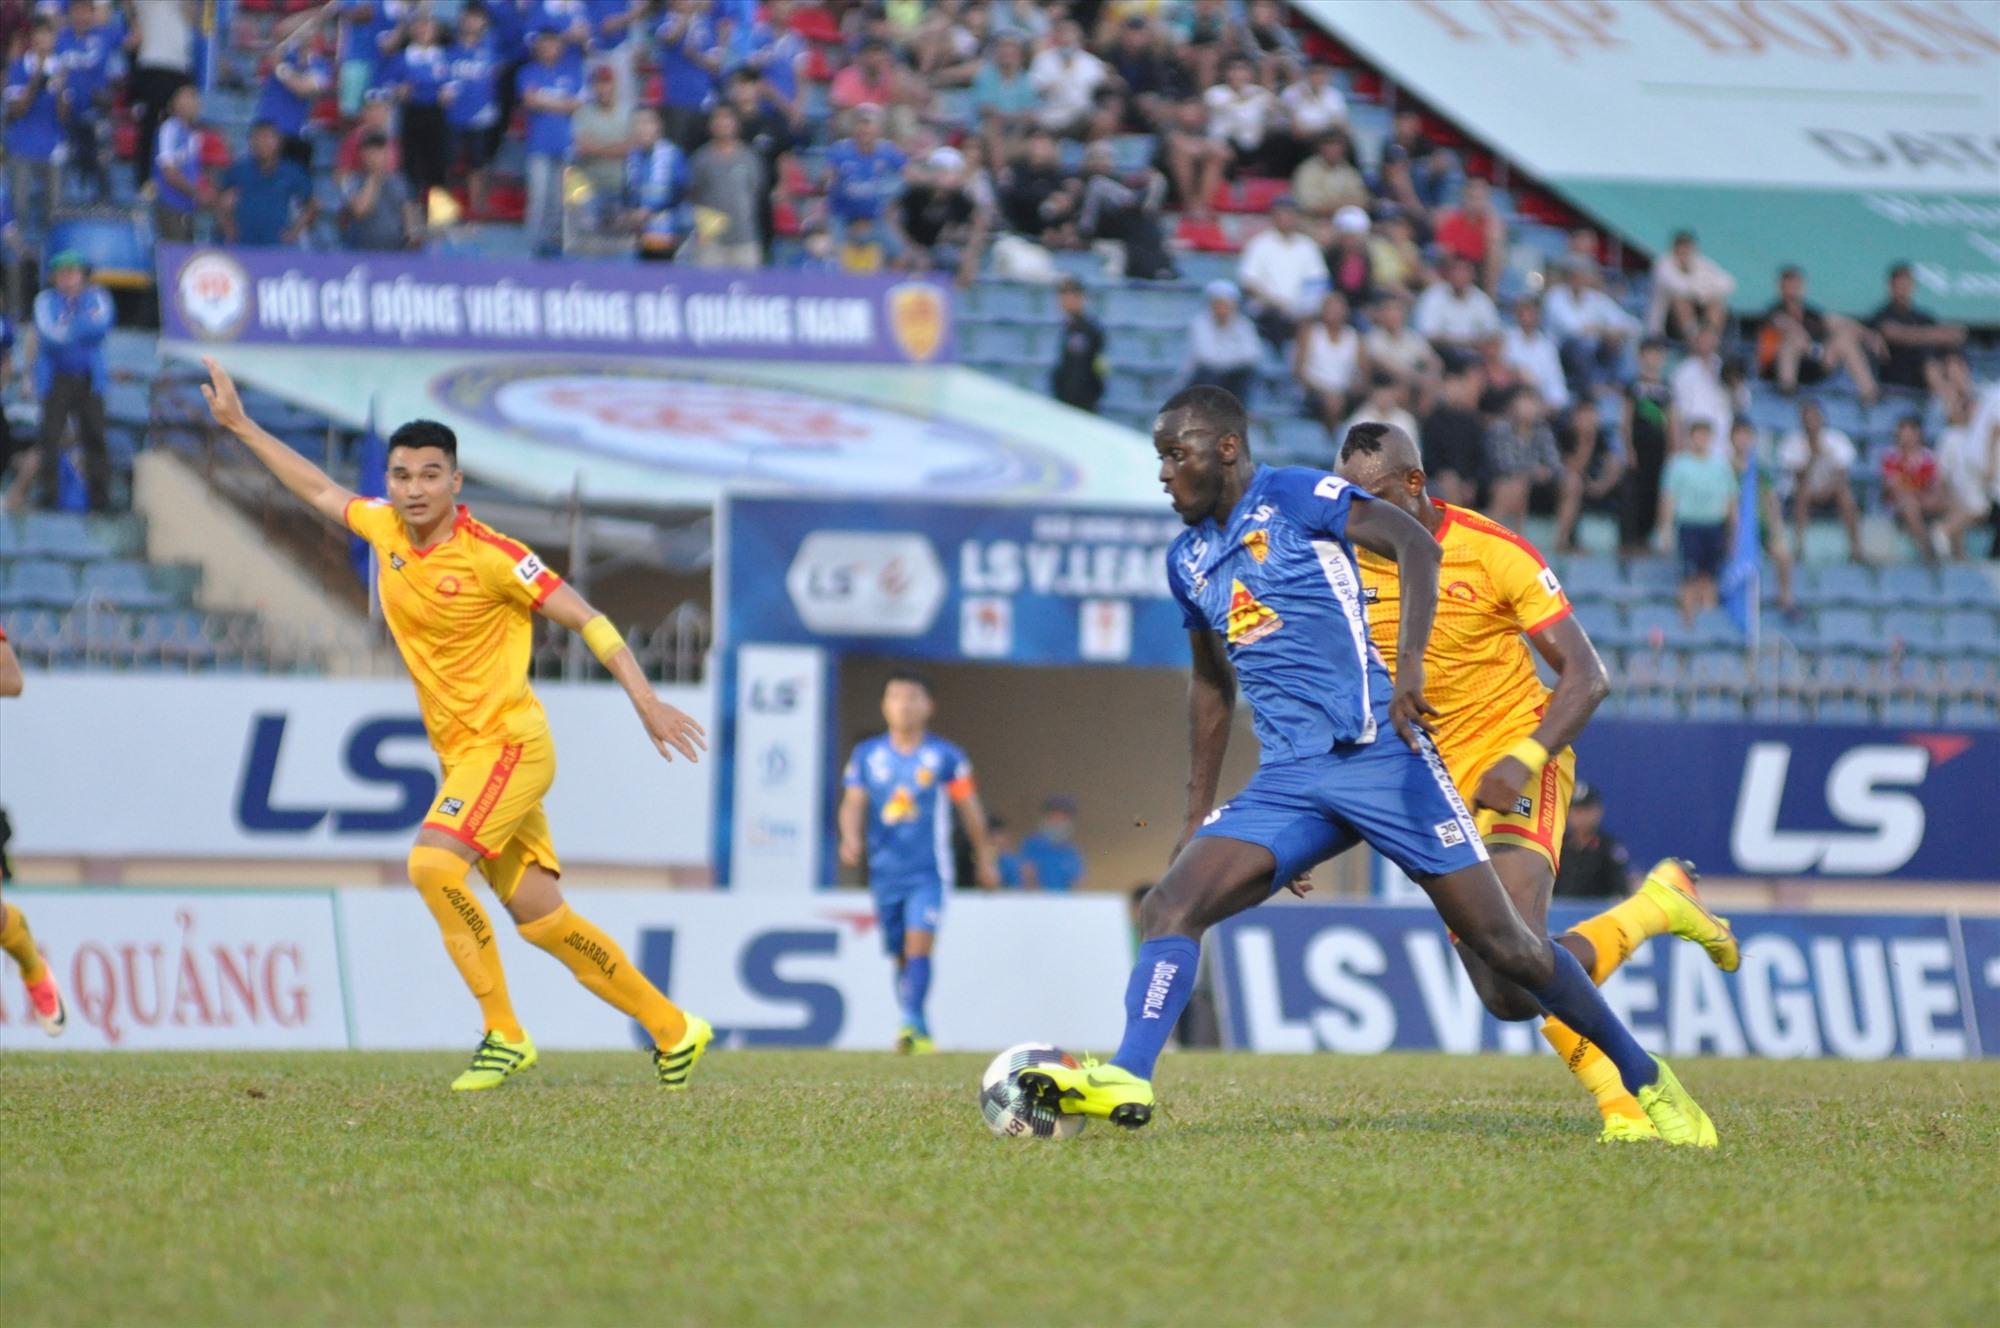 Pha bóng dẫn đến bàn thắng của Ibou Kebe. Ảnh: T.V